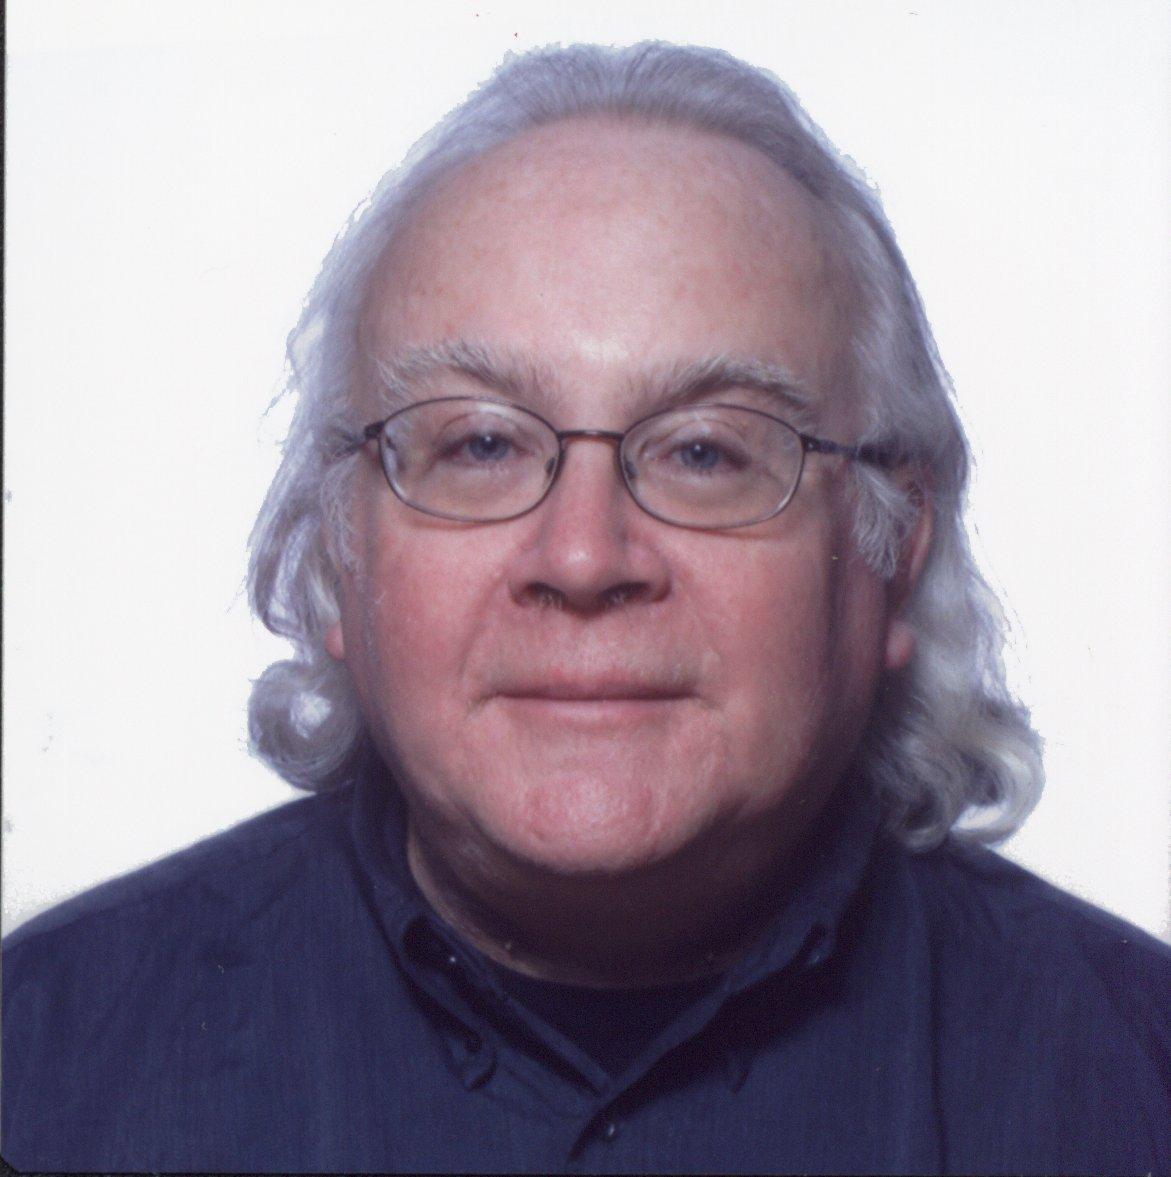 State Rep. Timothy Horrigan